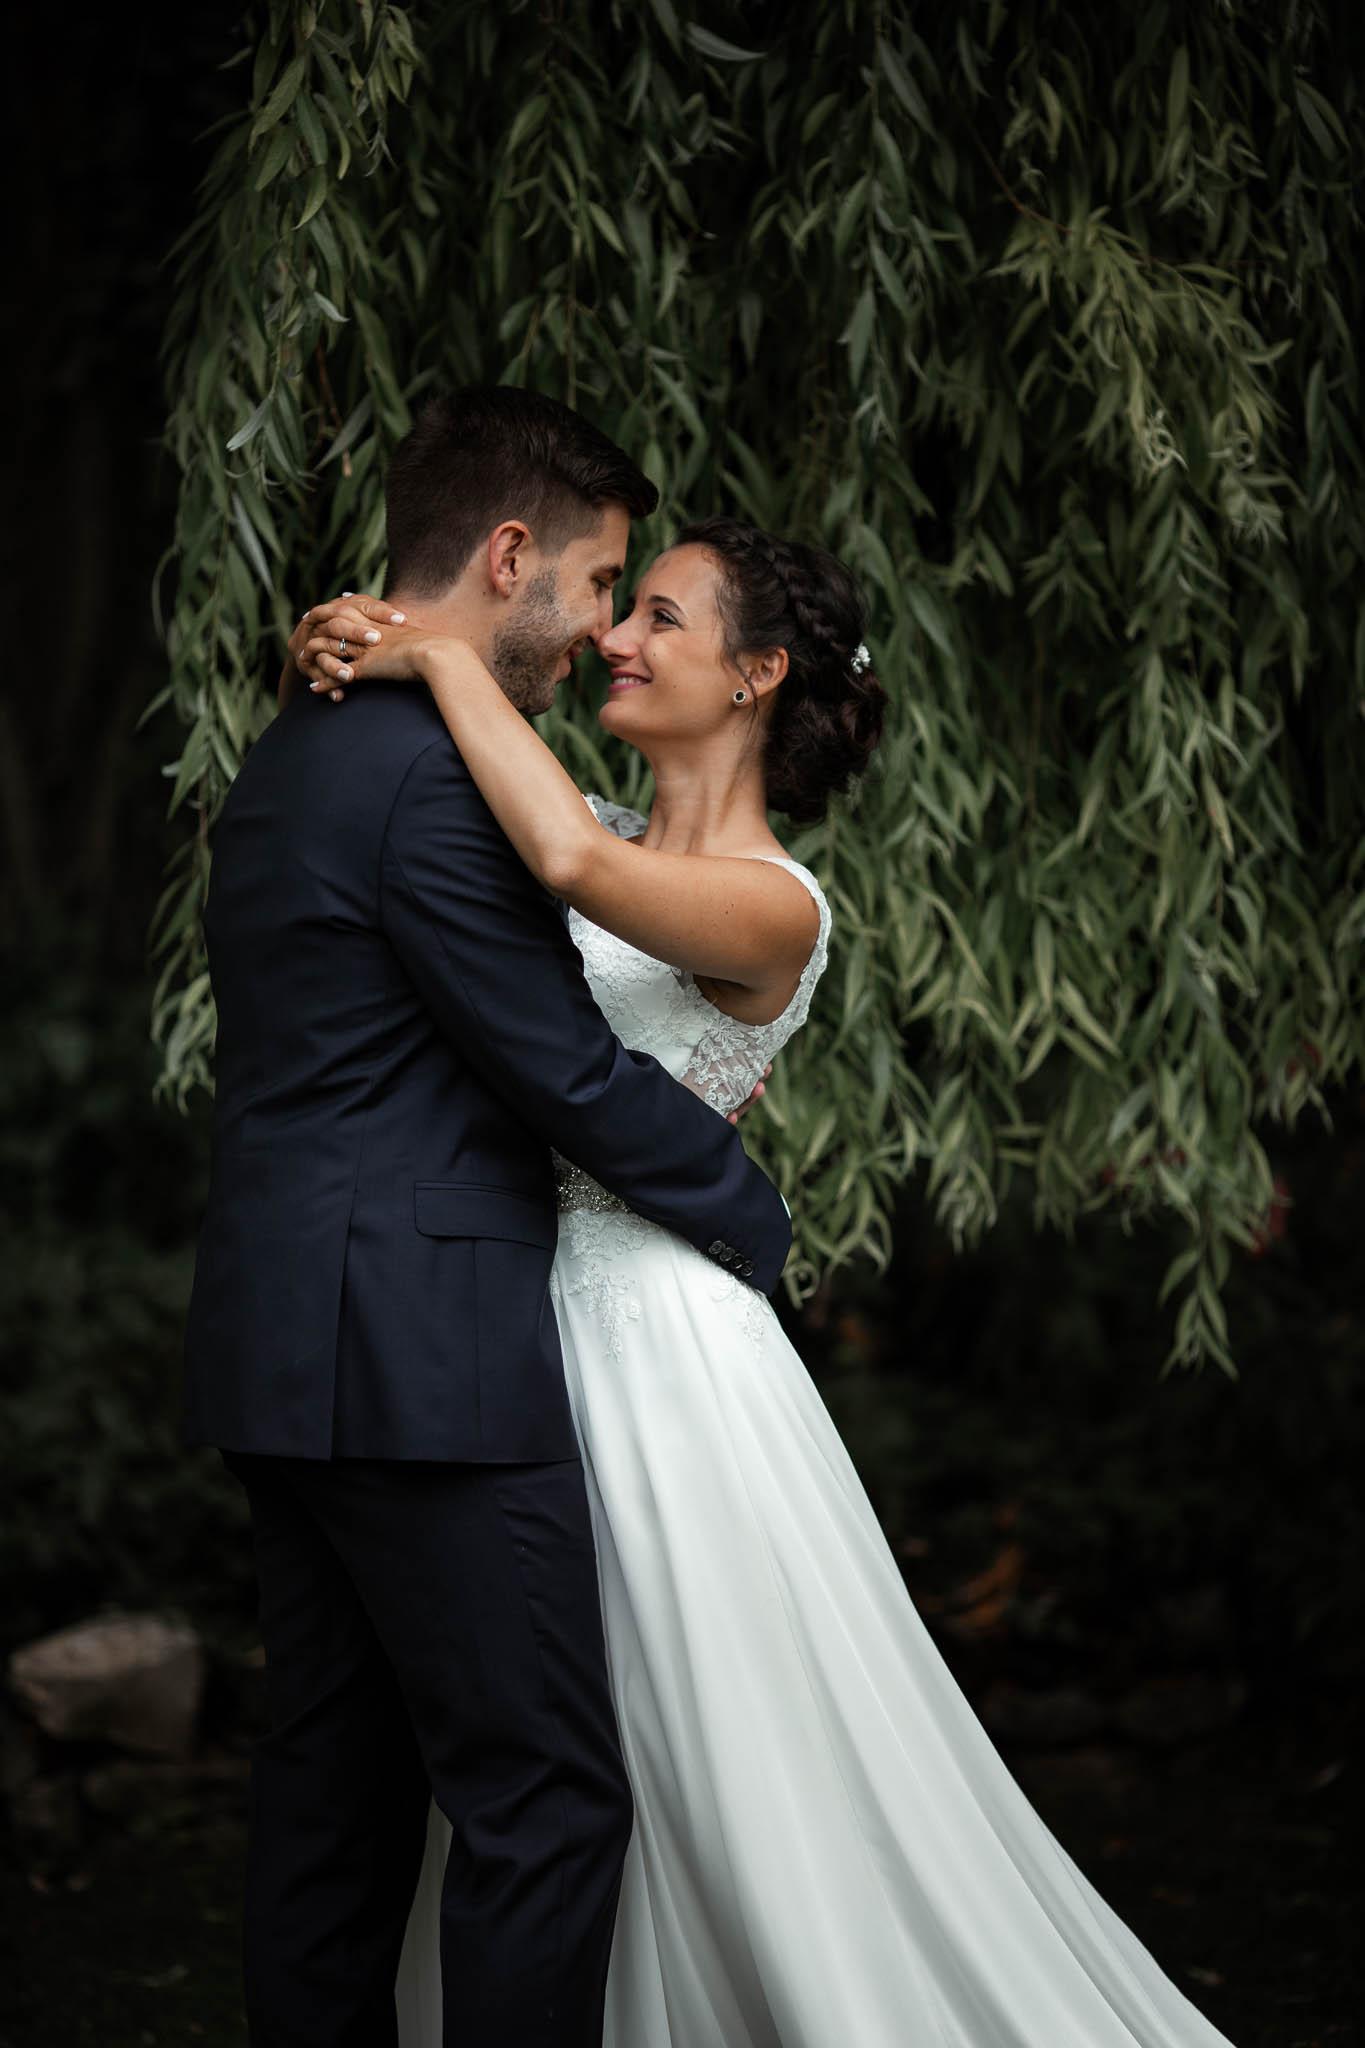 Hochzeitsfotograf Monzernheim: freie Trauung von Sarah & Patrick 49